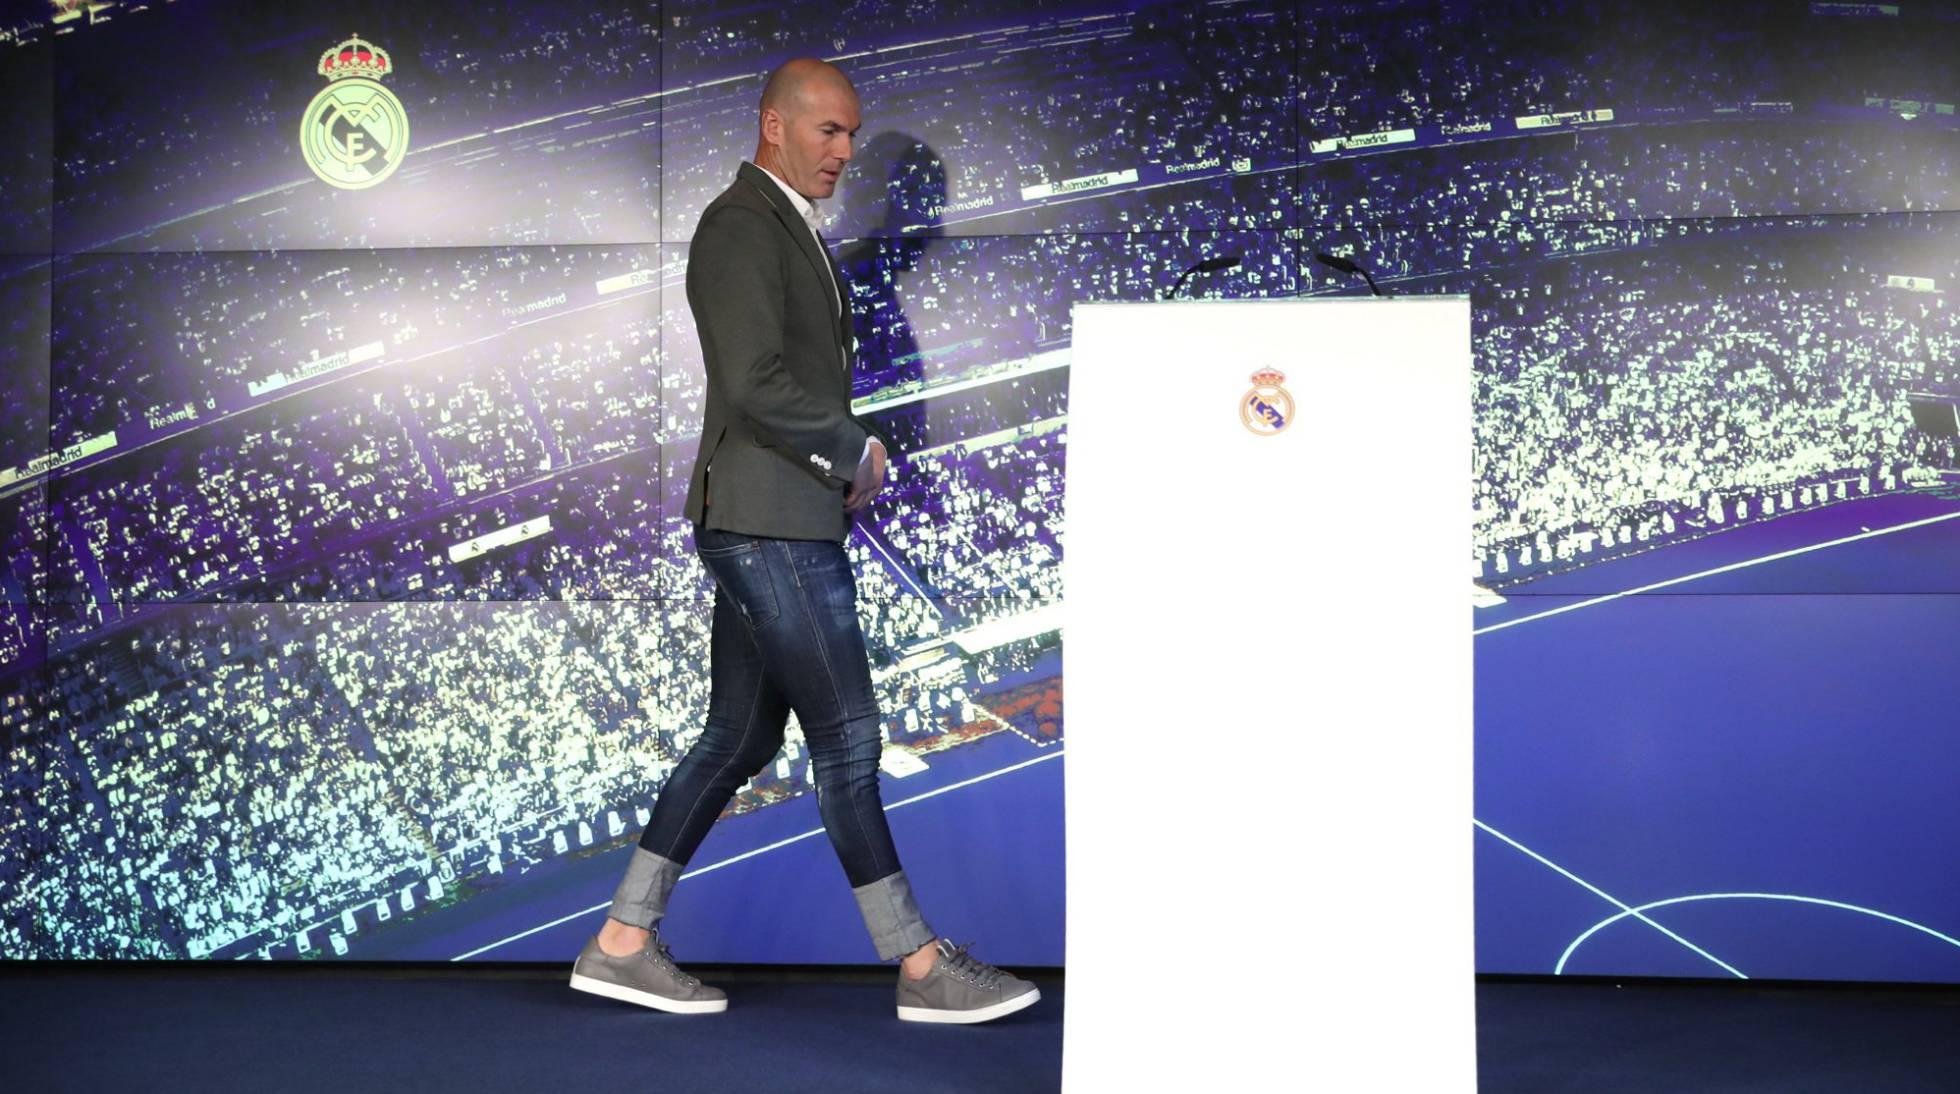 Cuánto cuestan los pantalones de Zinedine Zidane